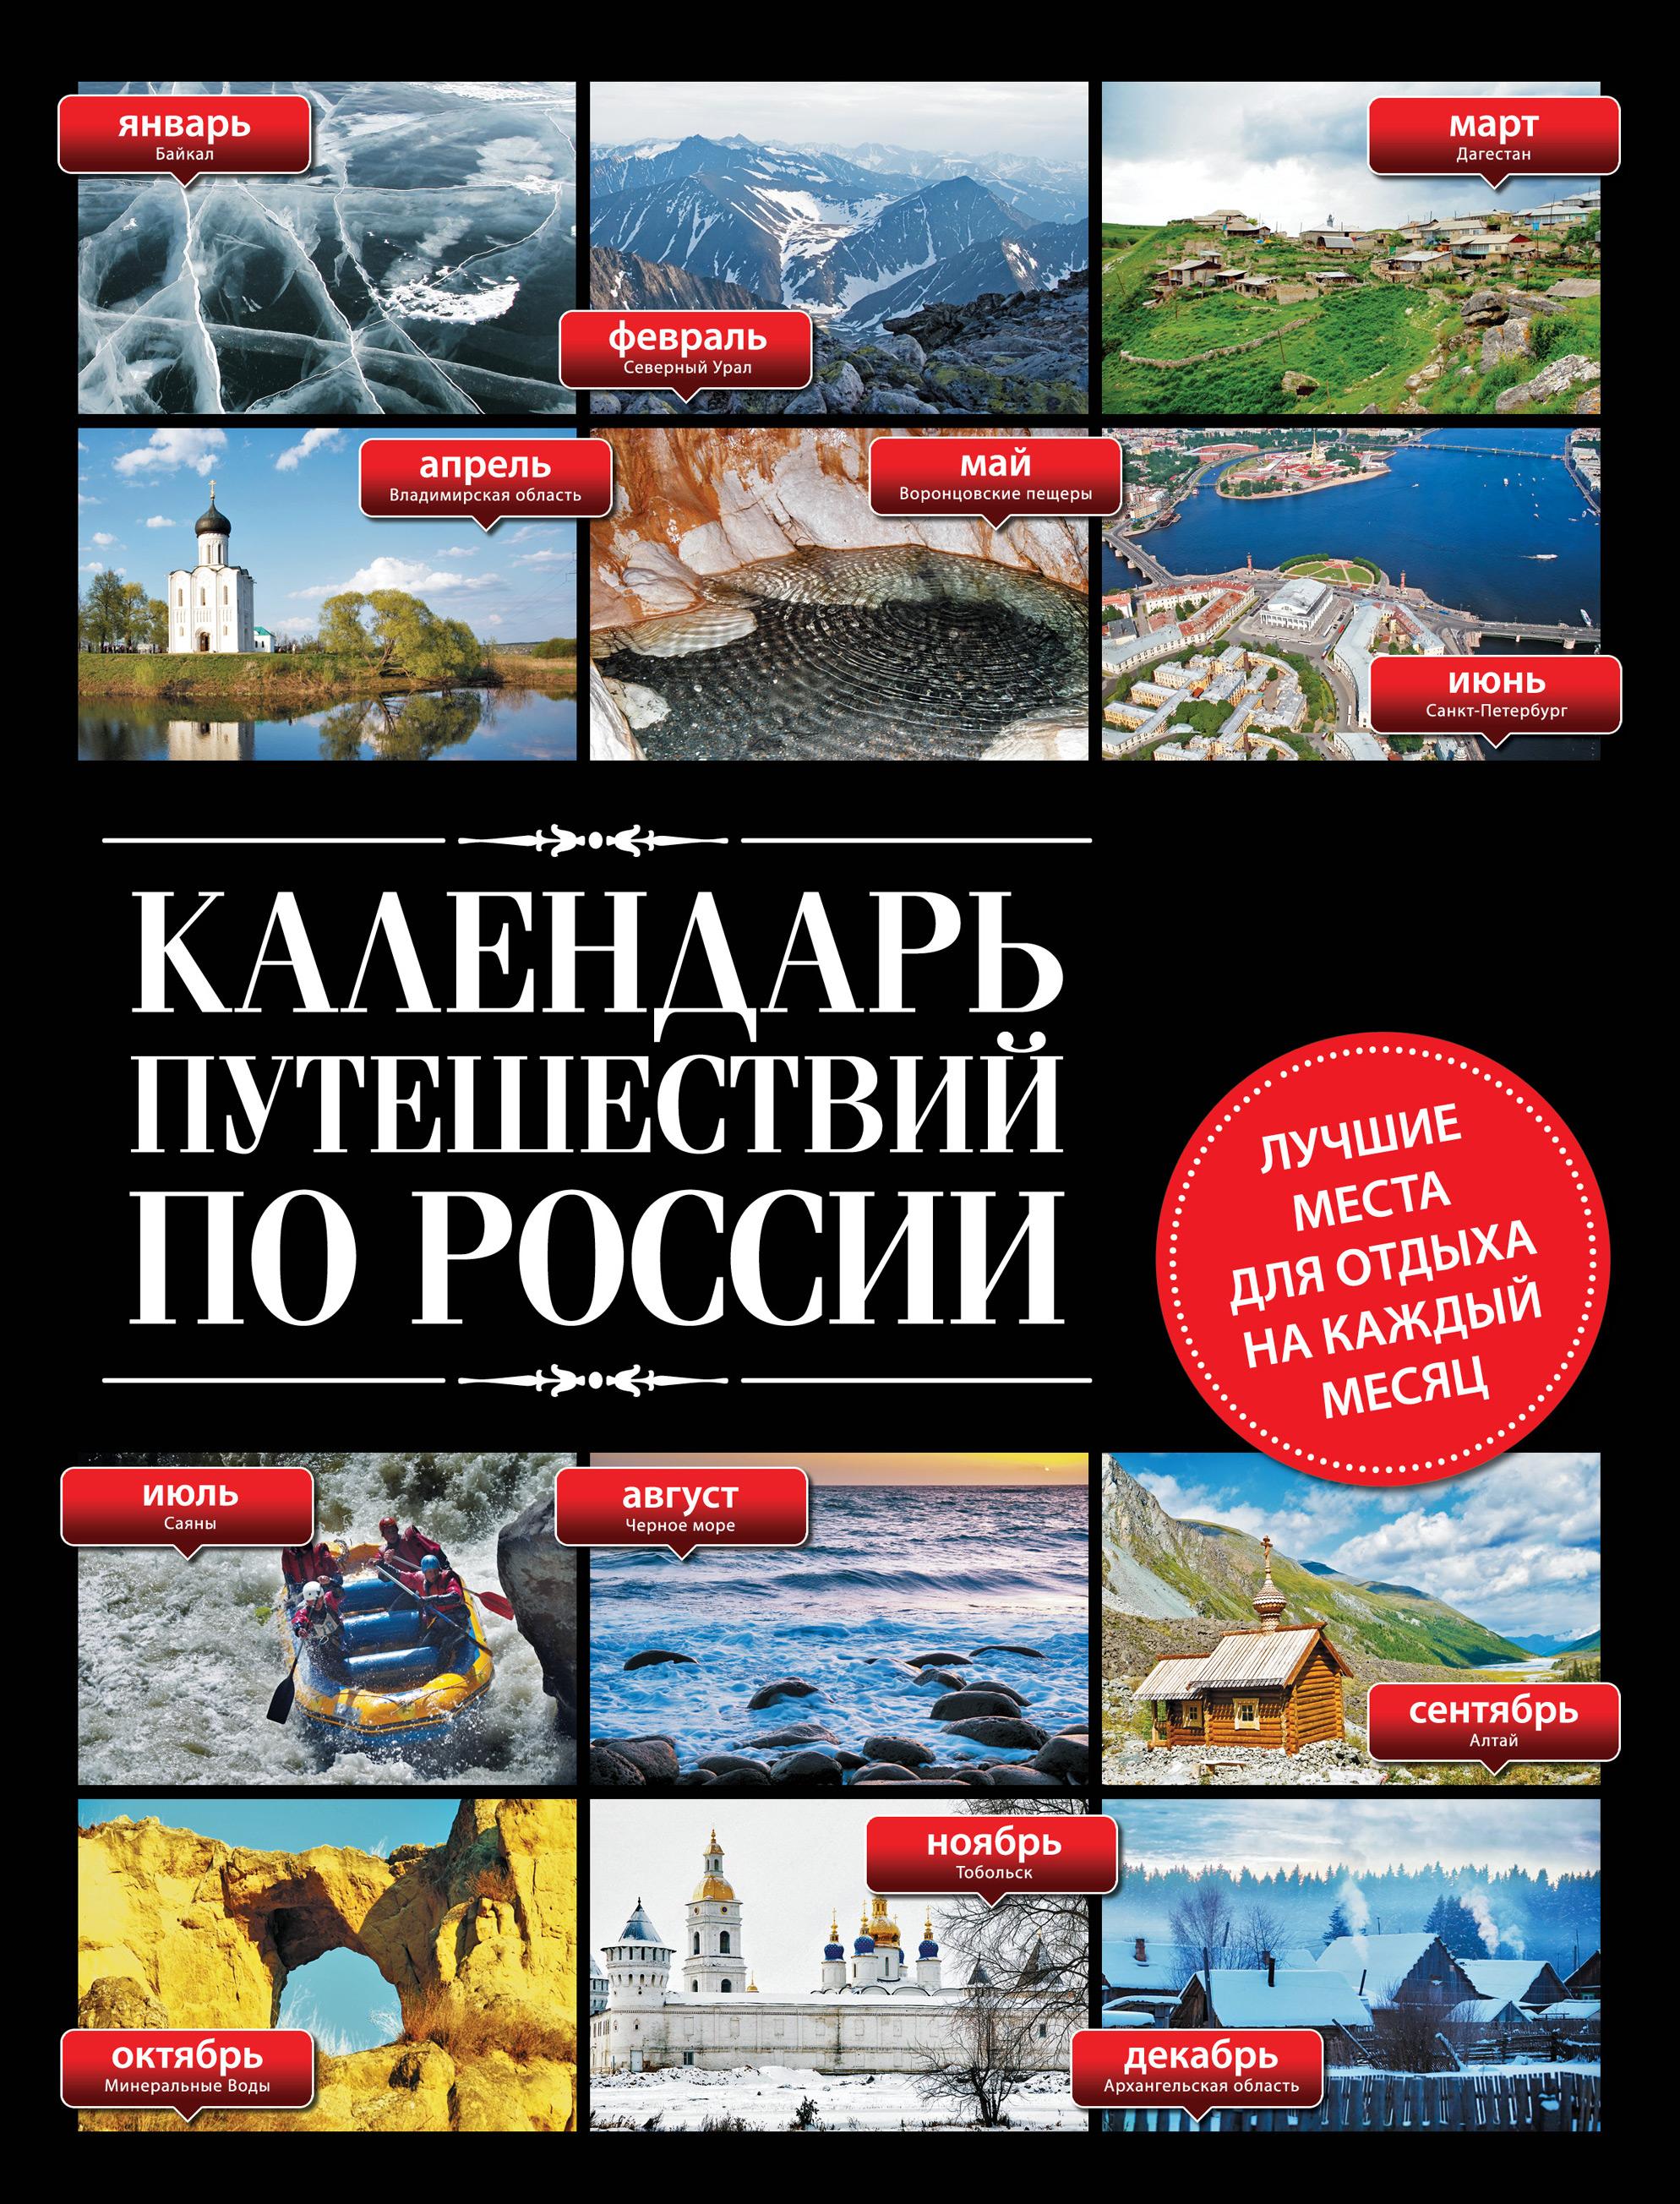 Отсутствует Календарь путешествий по России блохина ирина валериевна большой календарь путешествий по миру когда и куда ехать отдыхать